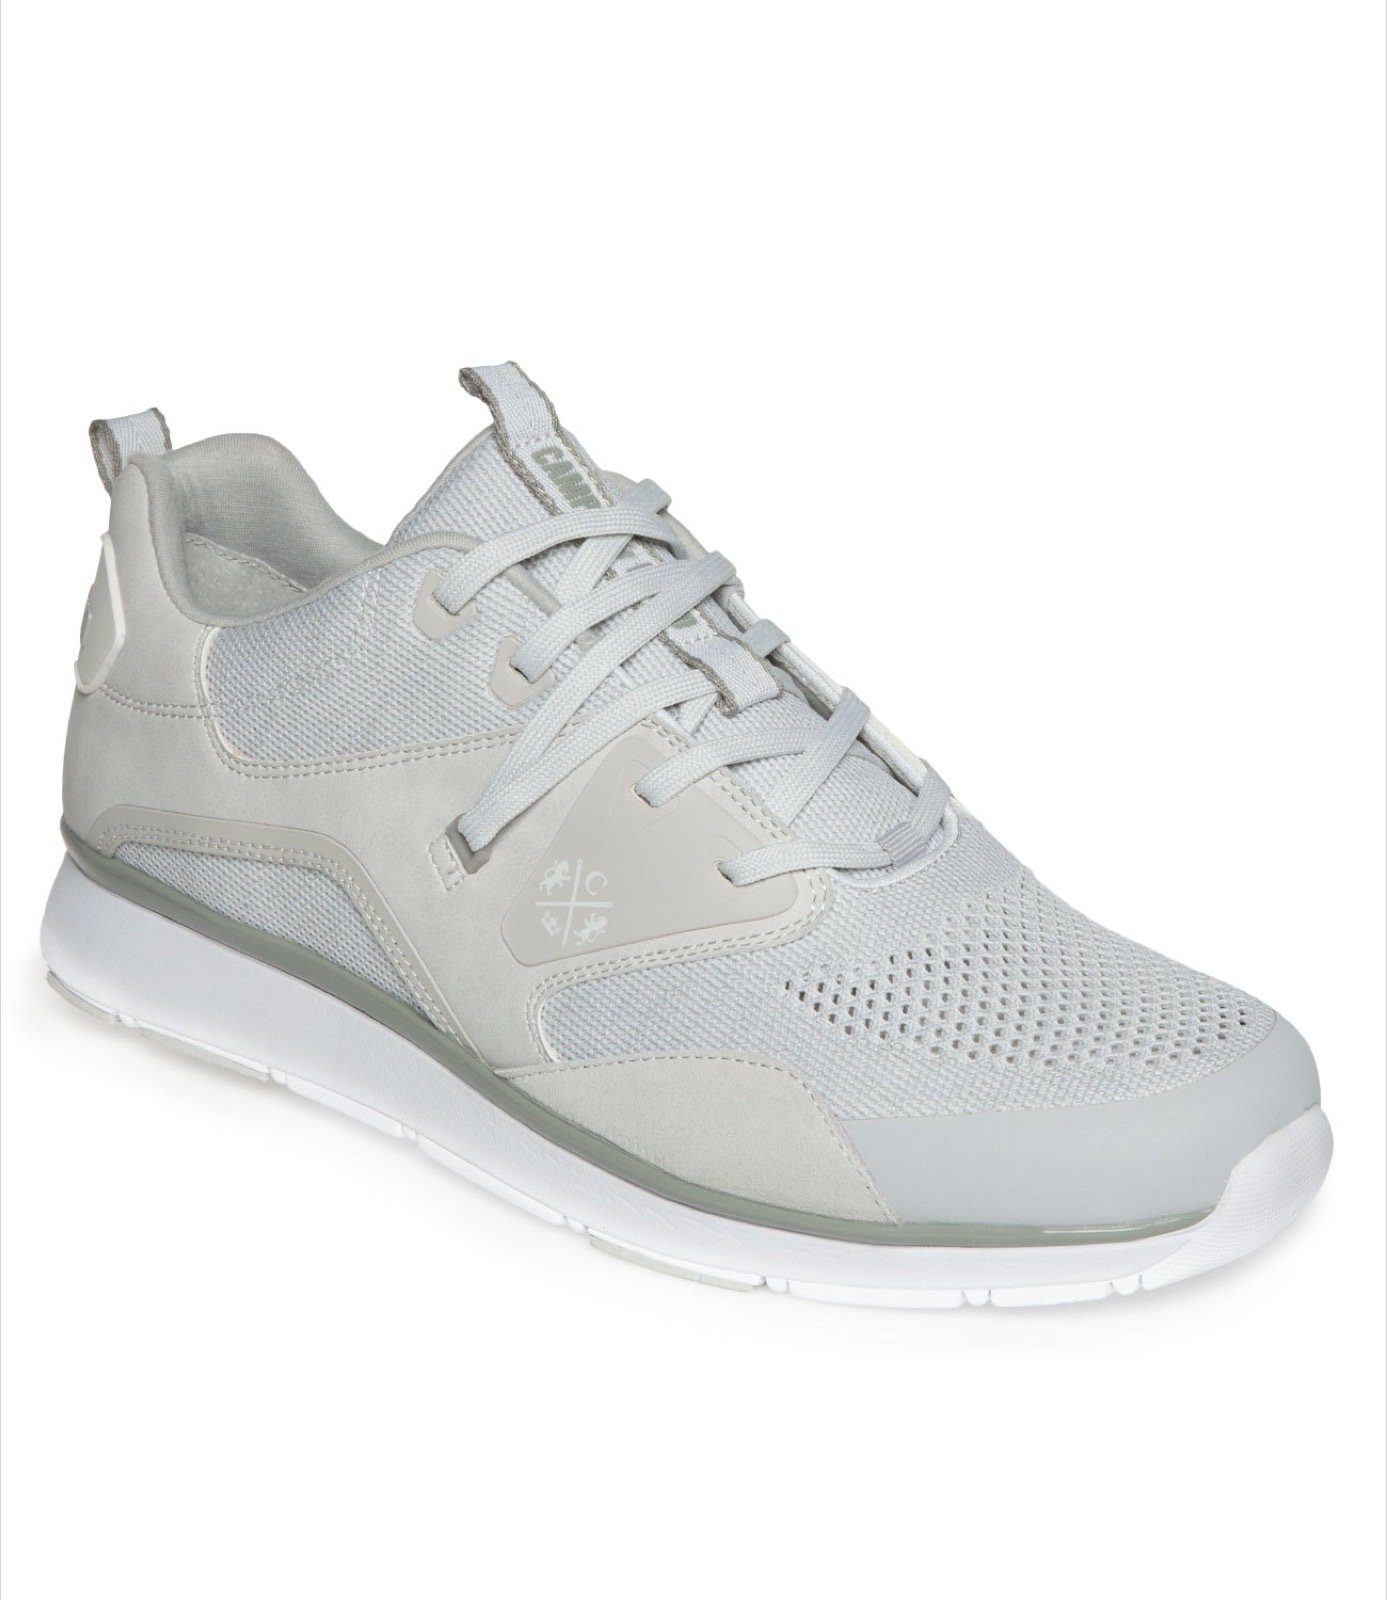 CAMP DAVID Sneaker mit Label Print, 10 Loch Schnürer online kaufen | OTTO